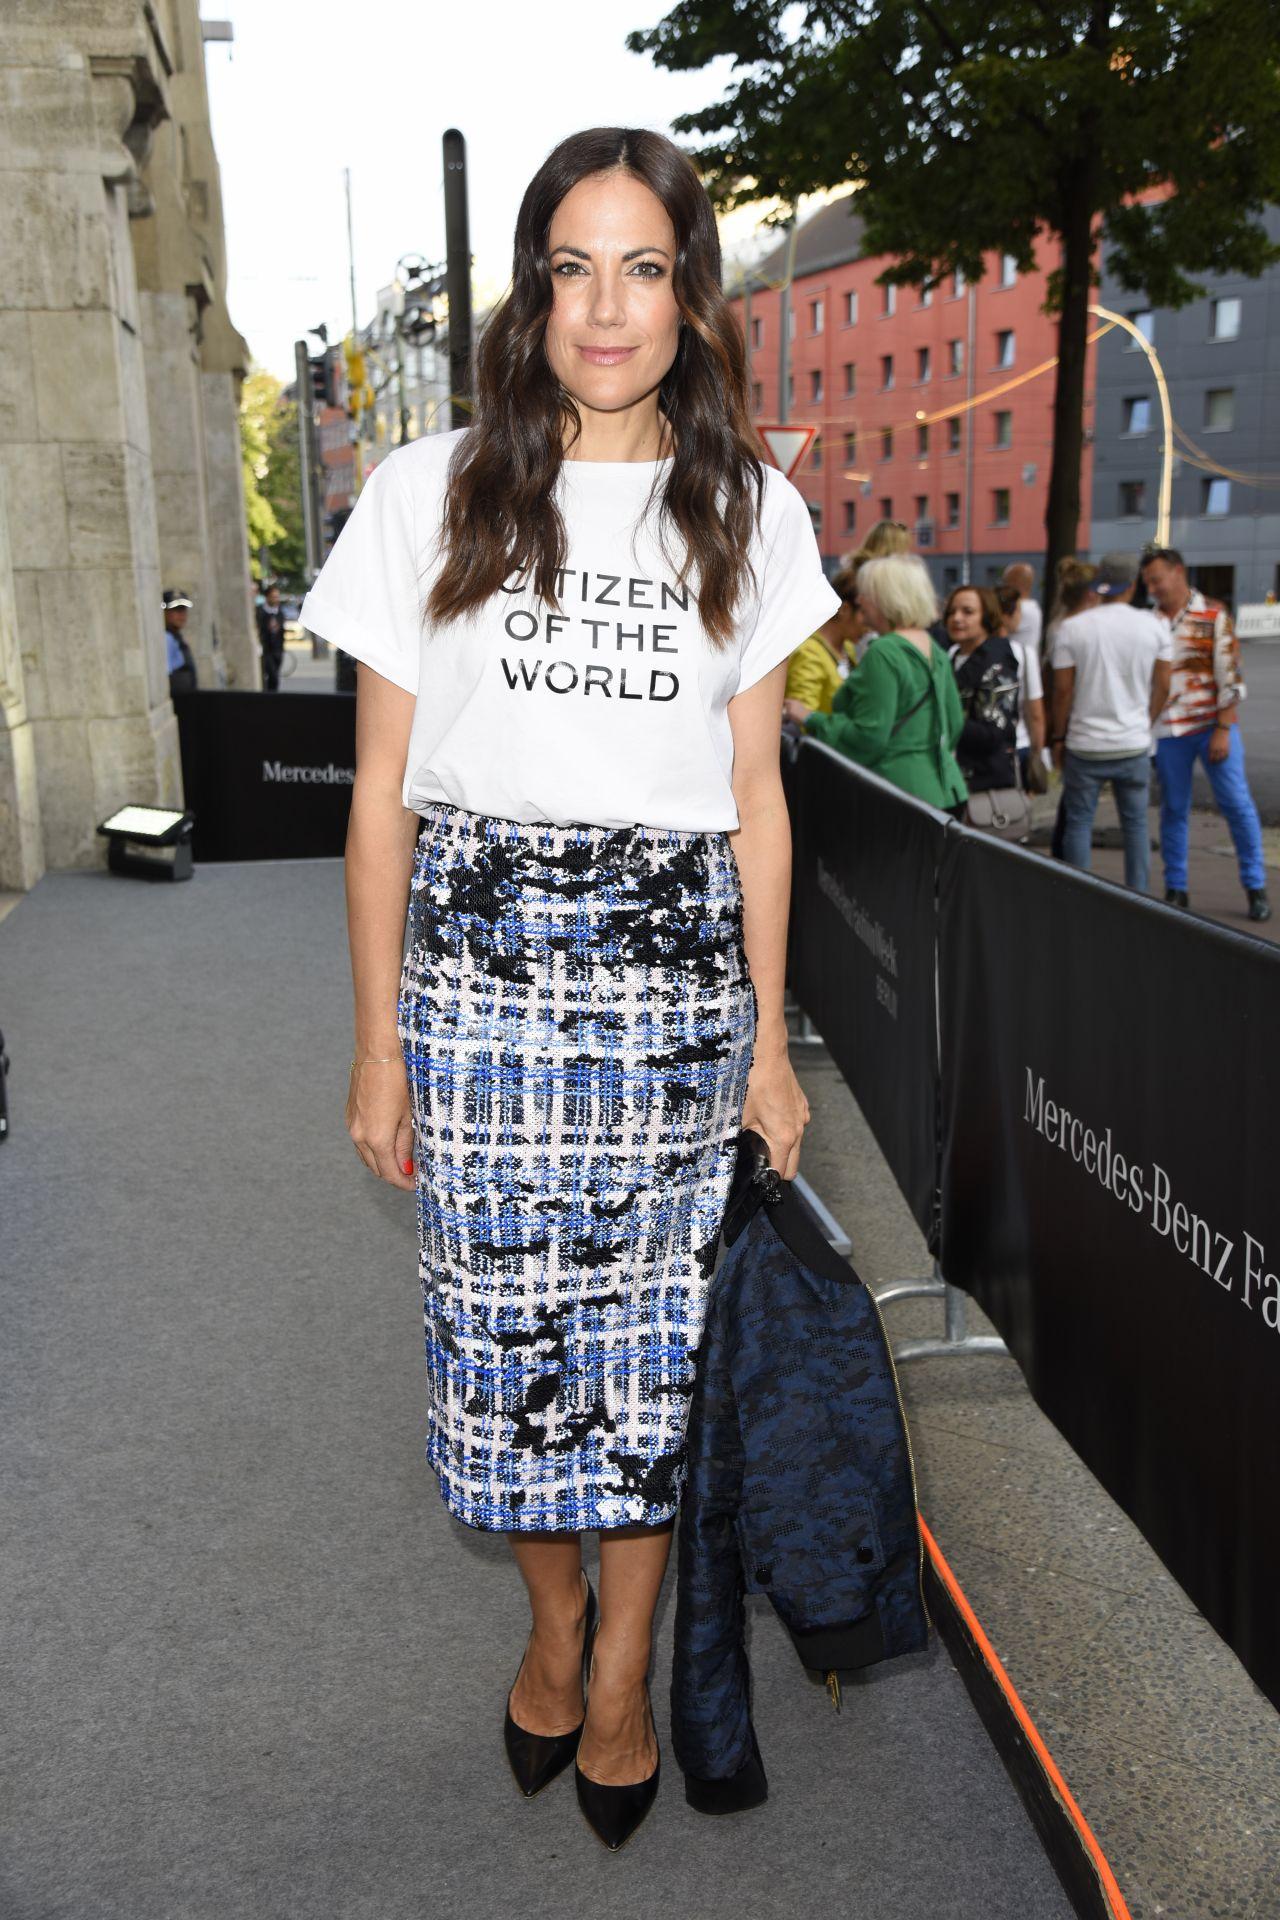 Lisa martinek saskia diez dorothee schumacher show mercedes benz fashion week in berlin - 2019 year